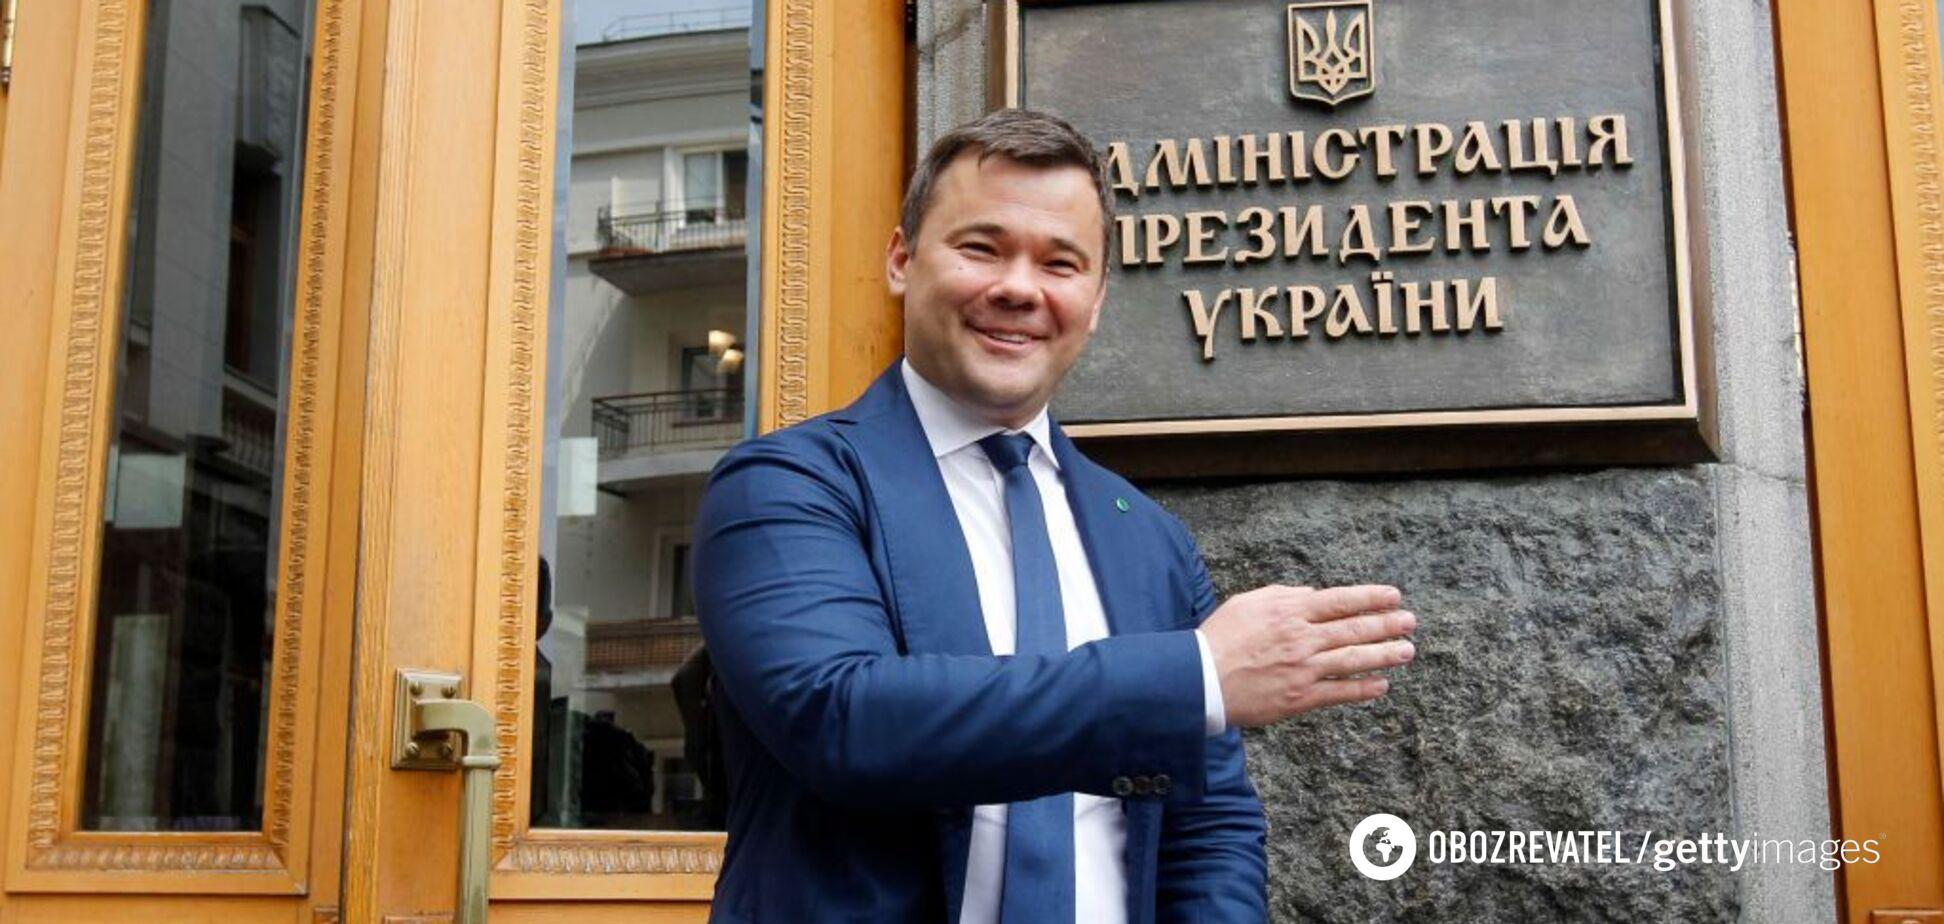 'Вам це не сподобається!' Богдан закликав журналістів влаштувати 'чистку' в ЗМІ